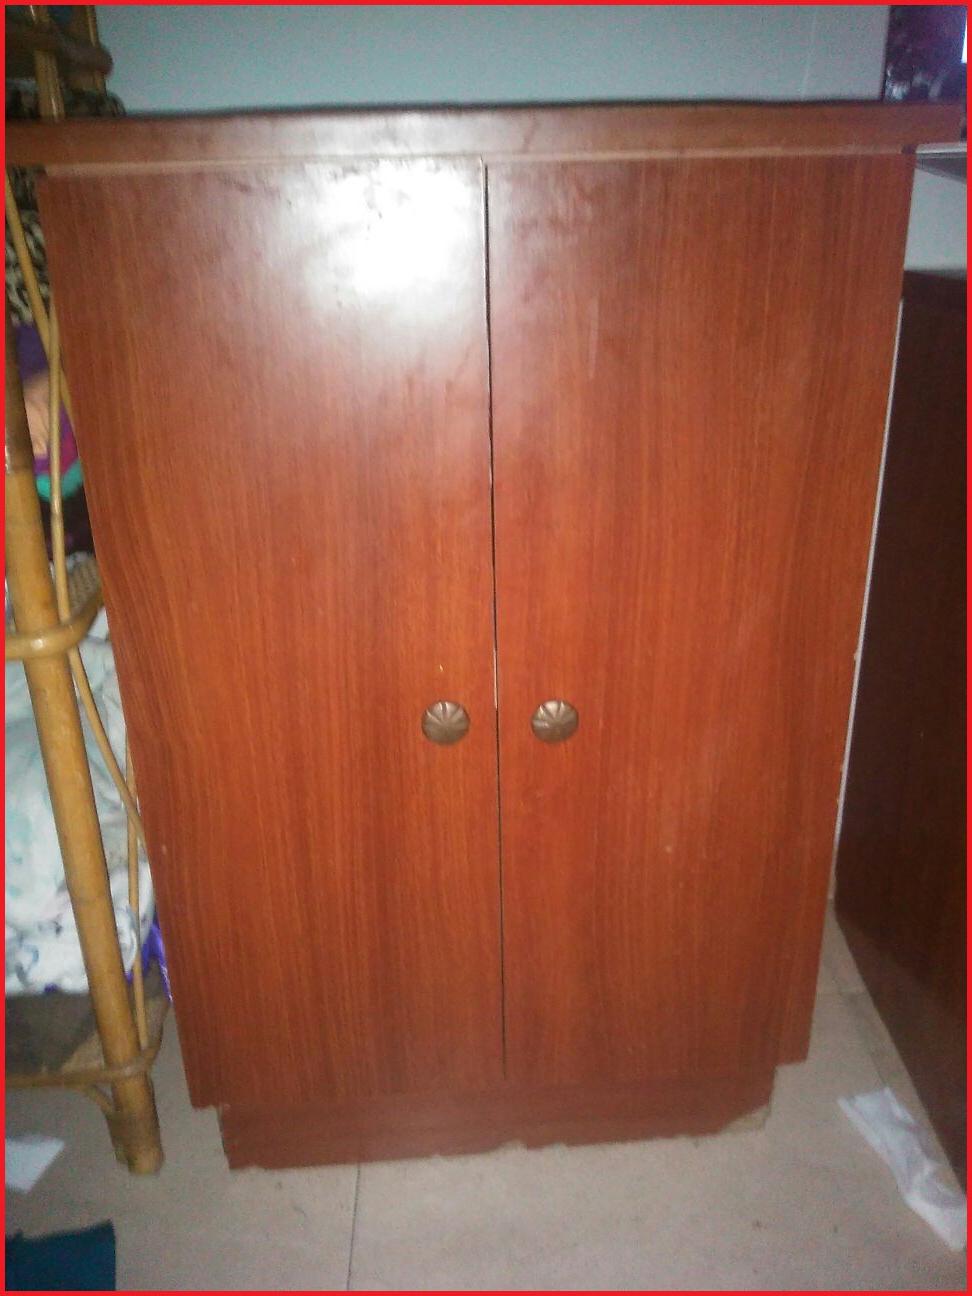 Muebles De Segunda Mano Coruña Q0d4 Muebles Coruà A 15 Coru Vendo Mueble Con Ruedas De Dos